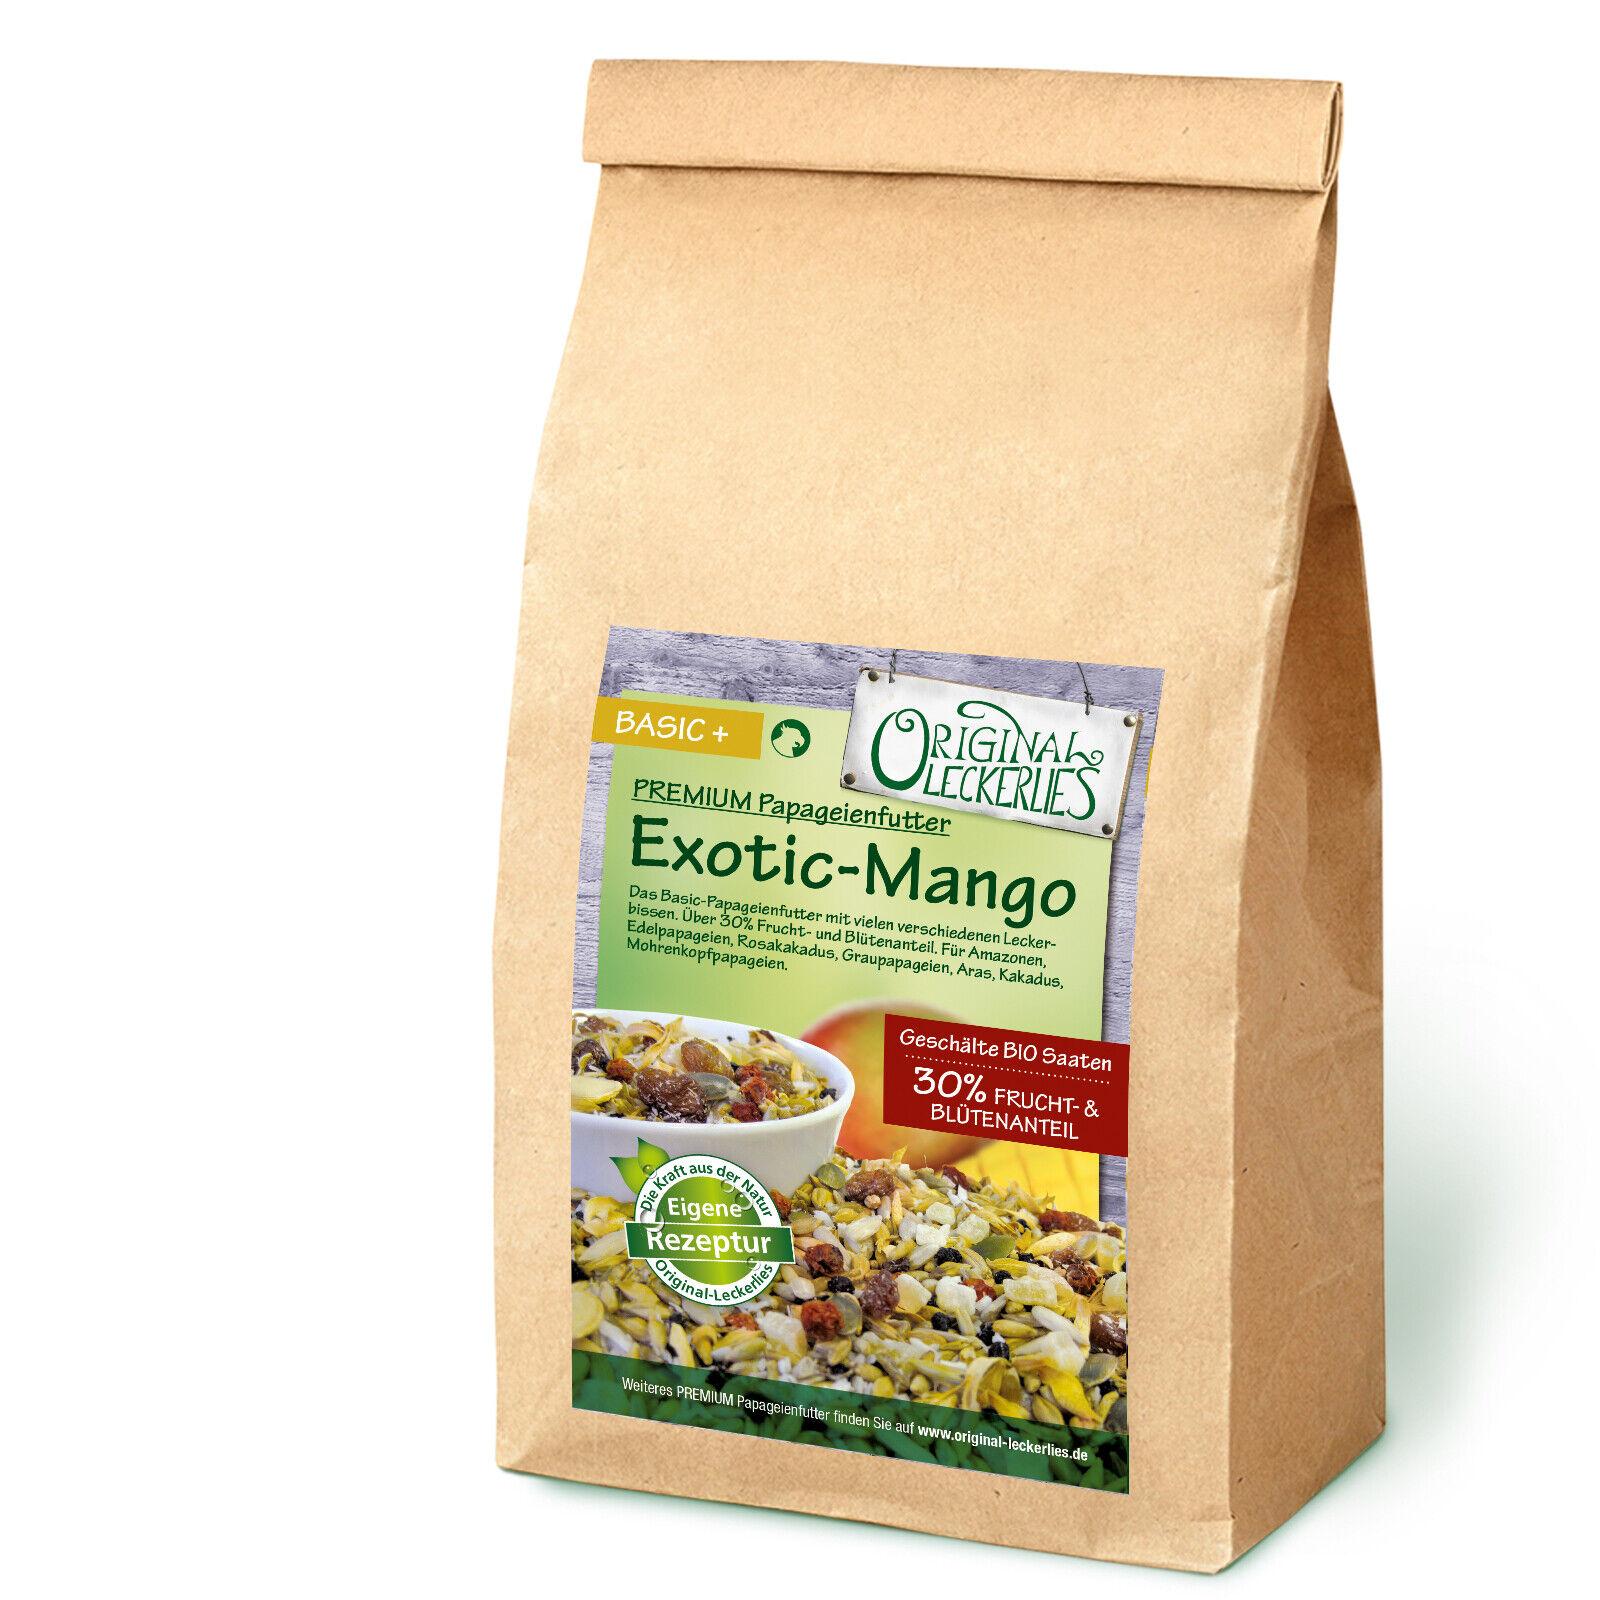 5kg Exotic-Mango-Mix, Papageienfutter, 30% Frucht & Blüten, geschälte Saaten